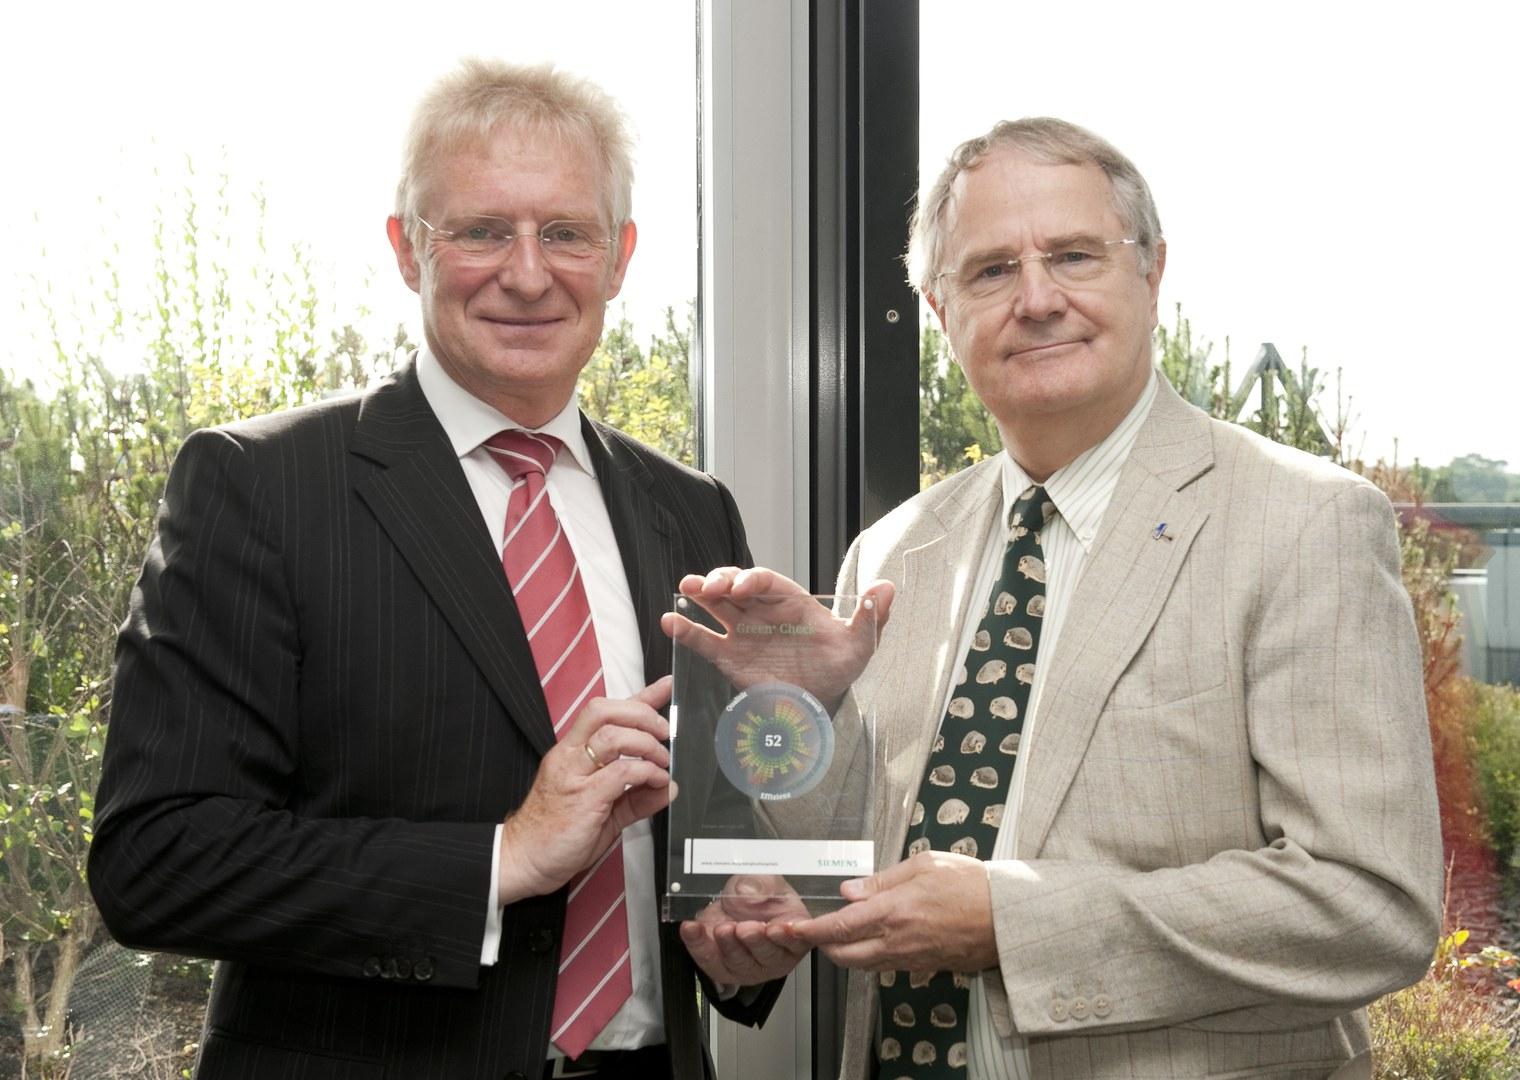 Übergabe des Green-Award; (c) Rolf Müller / Medienzentrum UKB